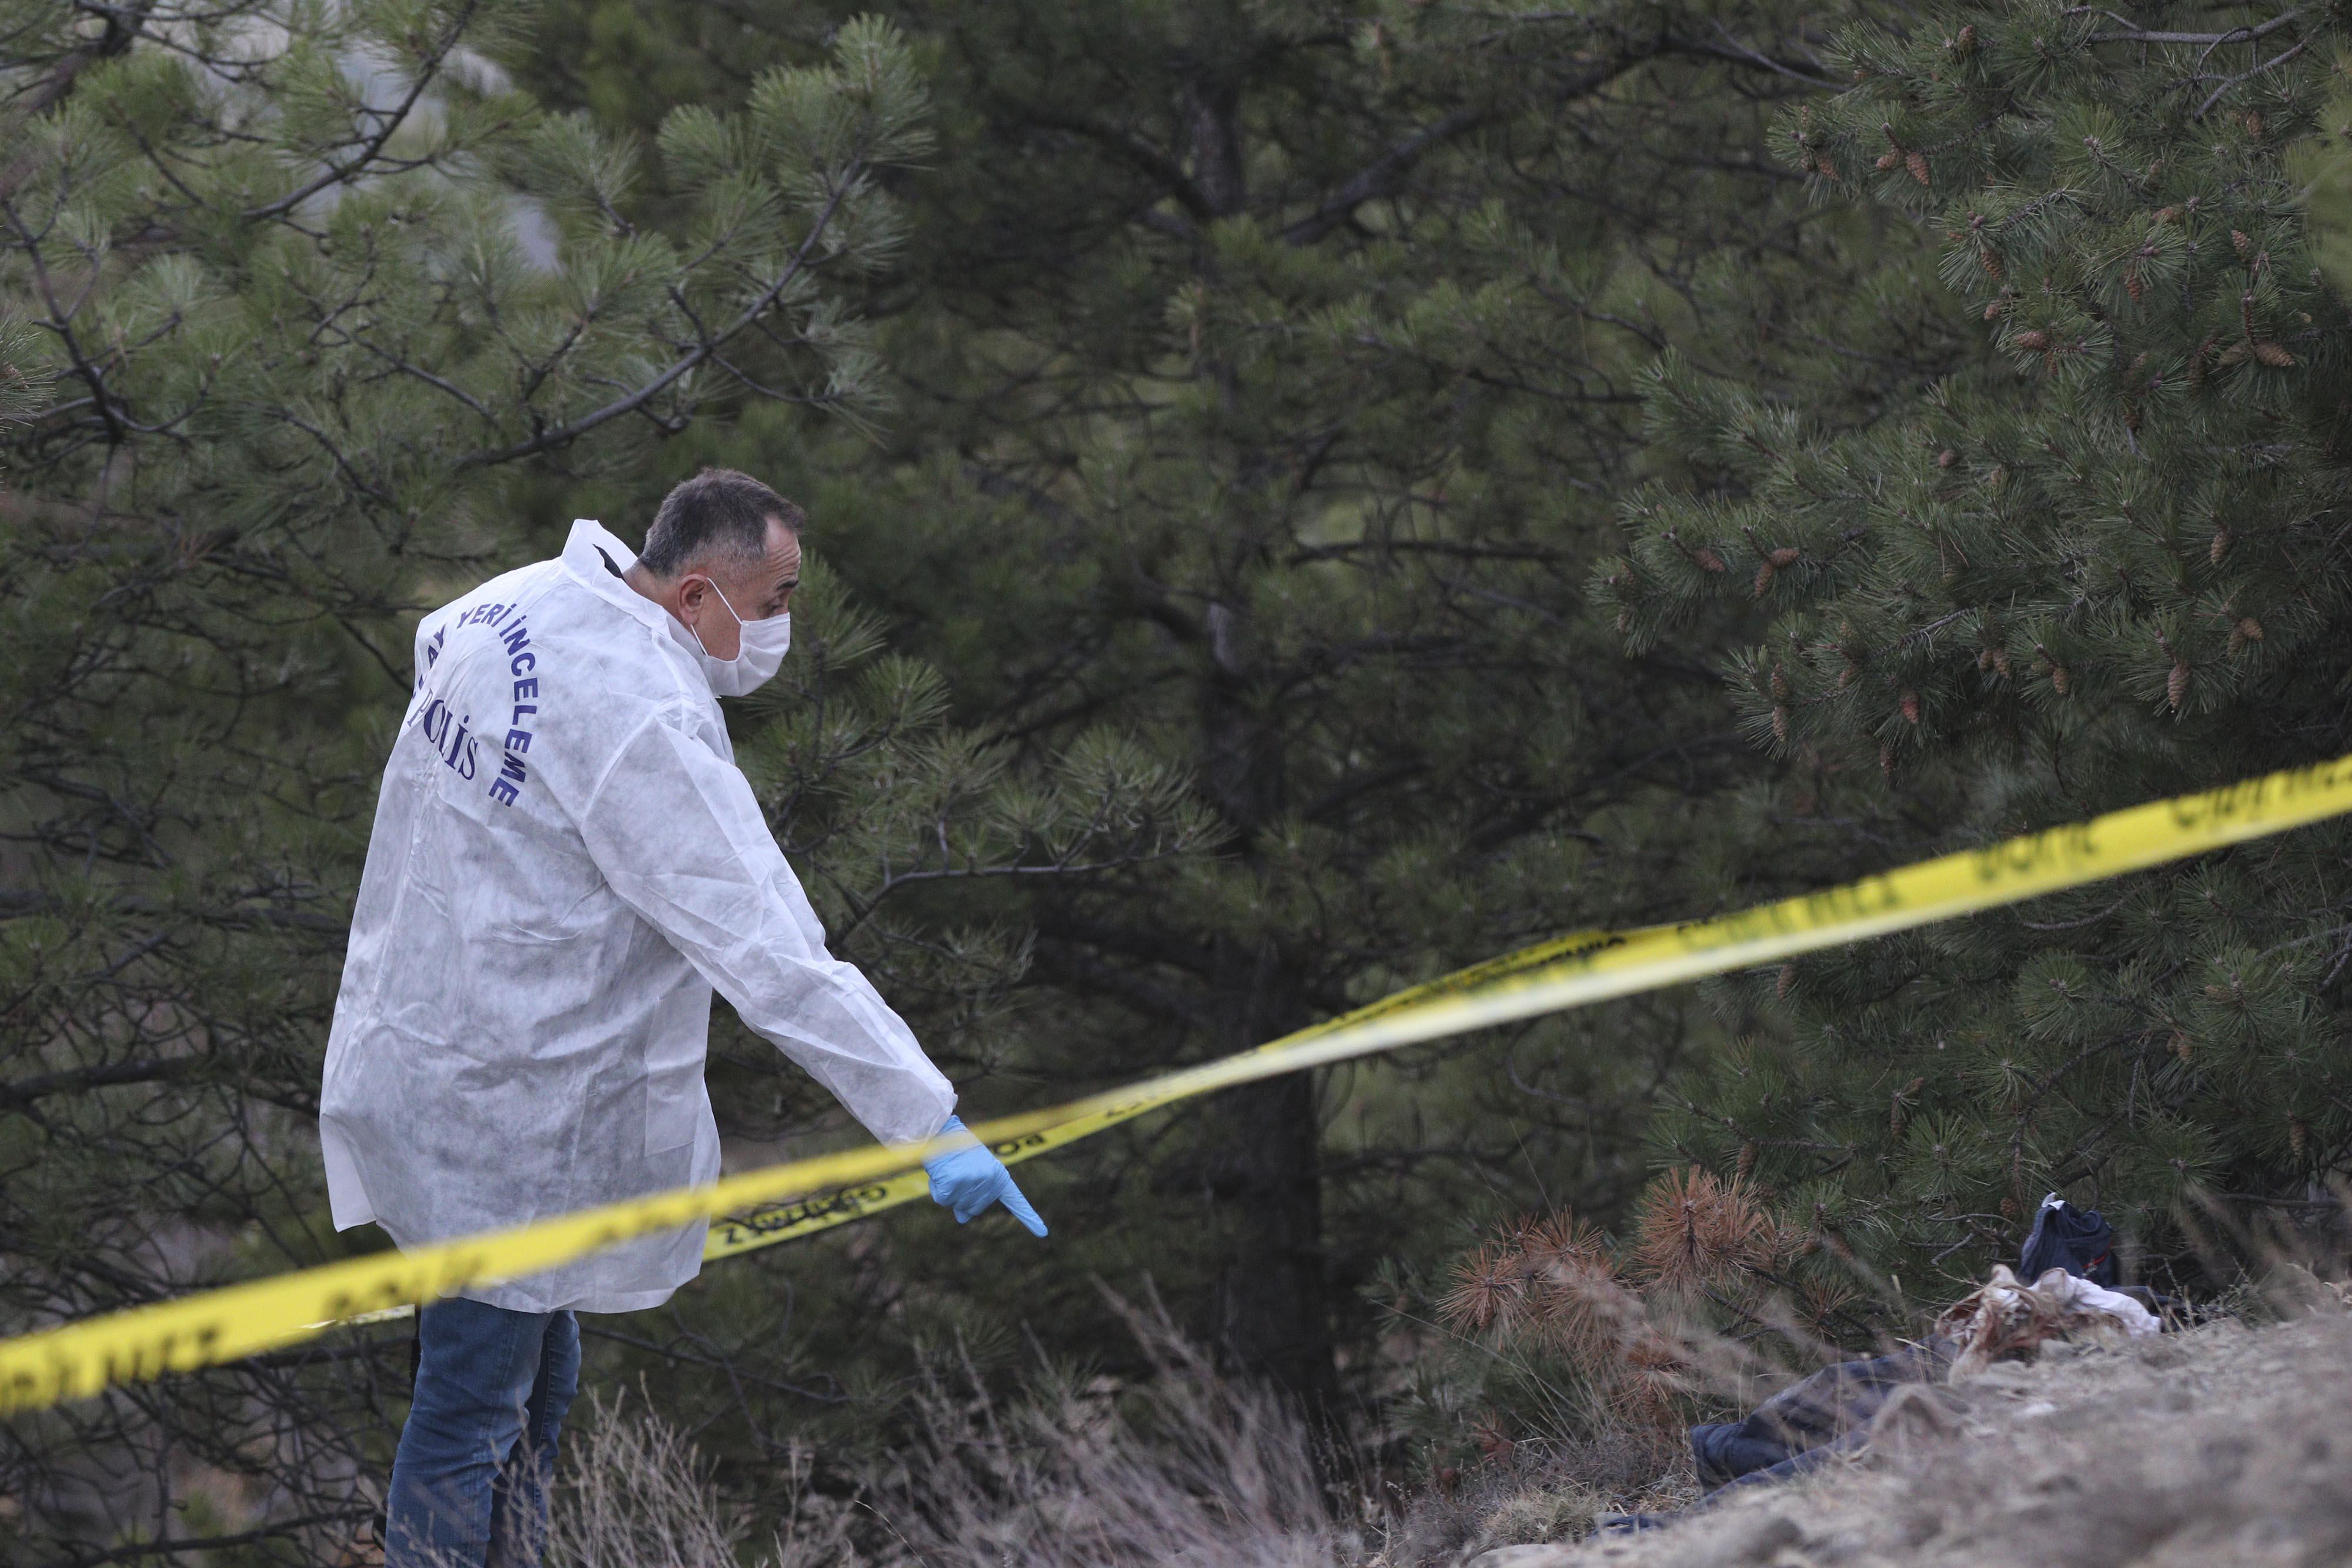 Boş arazide bulunan şey korku yarattı: Kısa sürede birçok polis ekibi olay yerine geldi!